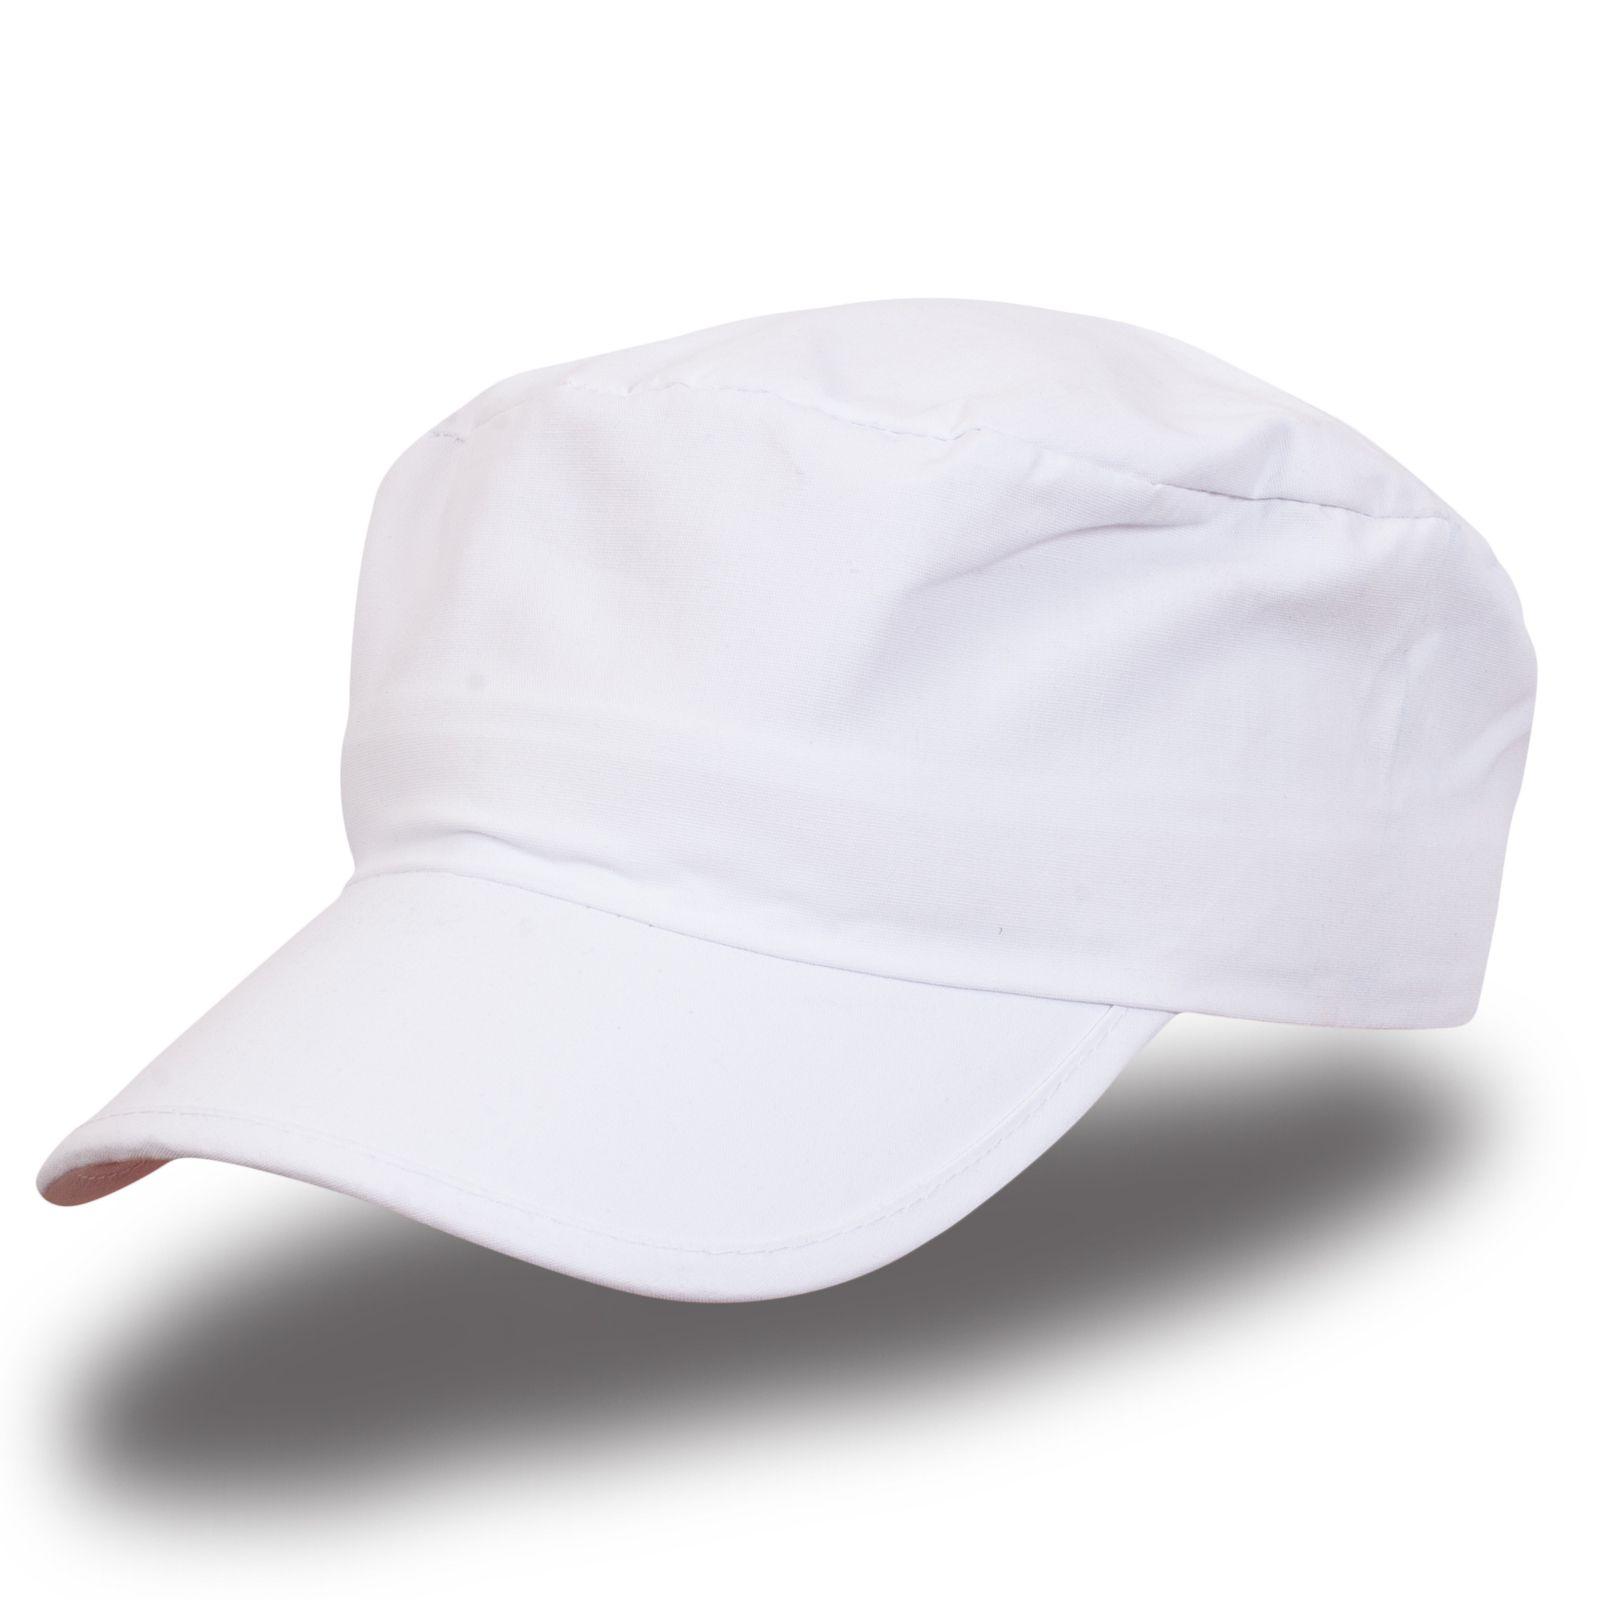 Белая кепка-немка - купить в интернет-магазине